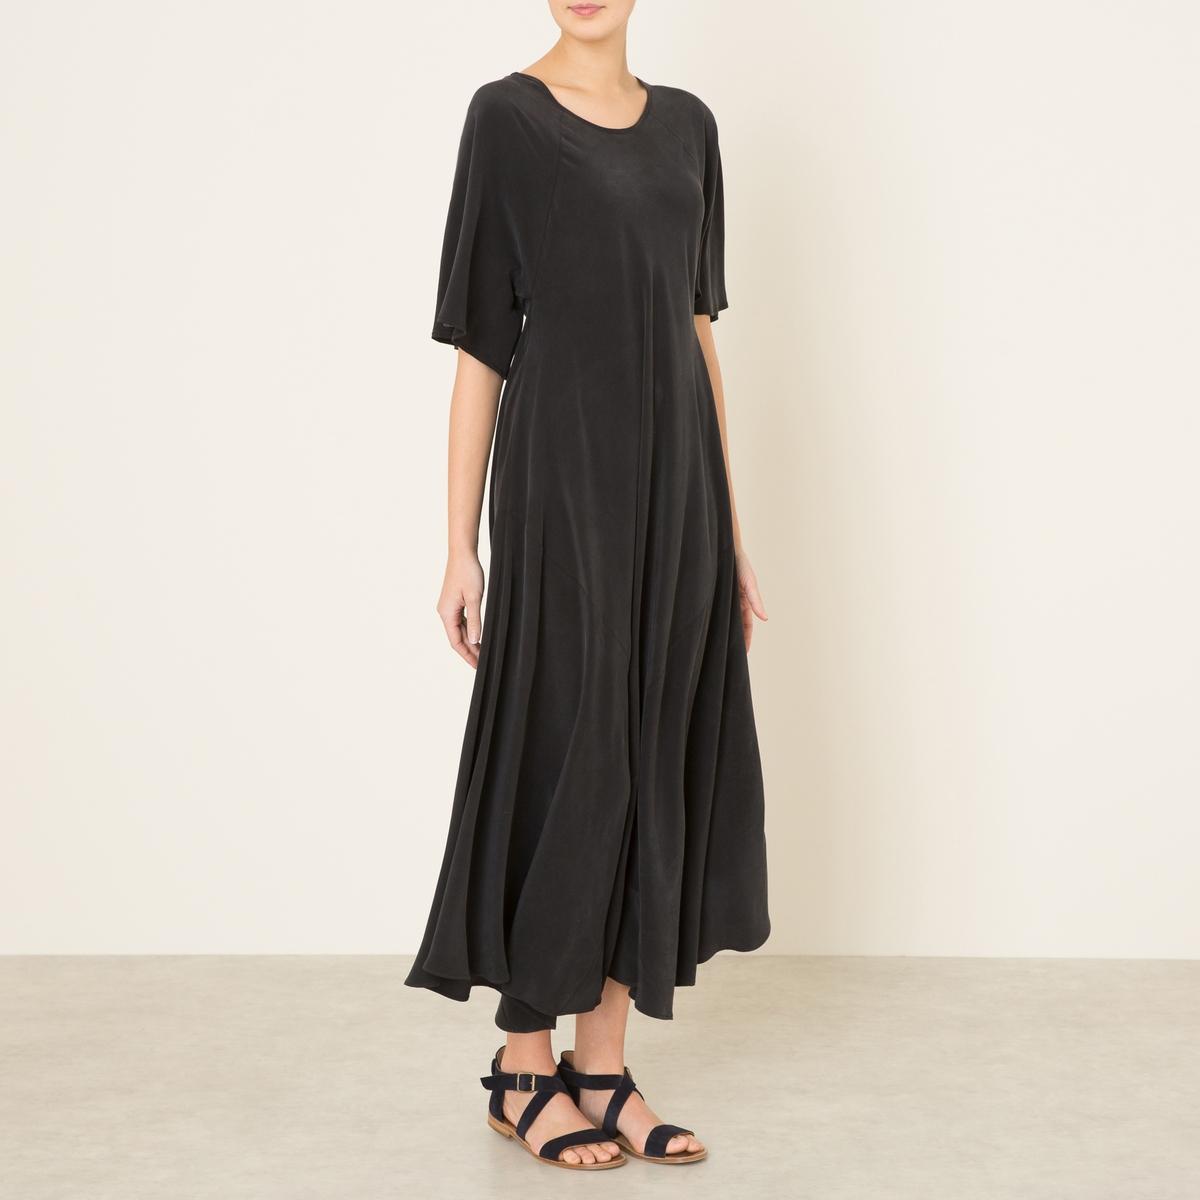 Платье длинное VEXINСостав и описание    Материал : 100% шелкДлина от края плеча: ок.130 см. для размера 36    Марка : TOUPY<br><br>Цвет: черный<br>Размер: M